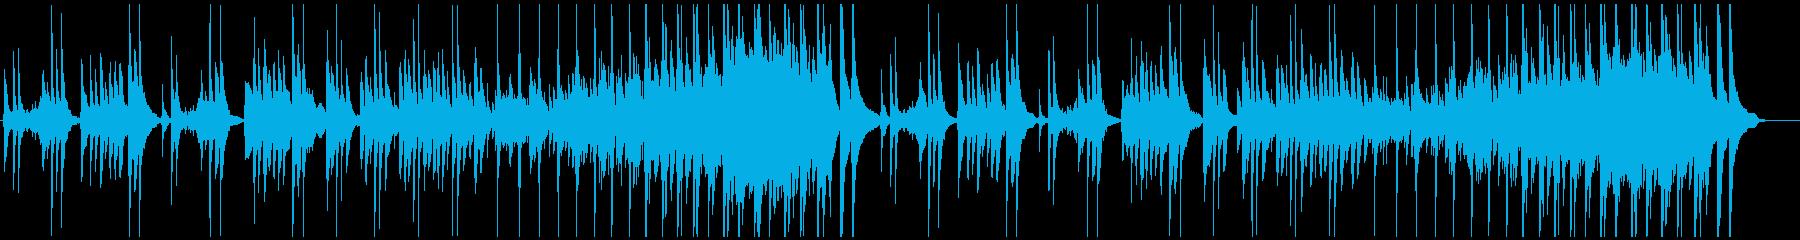 琴・純和風・雅な印象のBGMの再生済みの波形